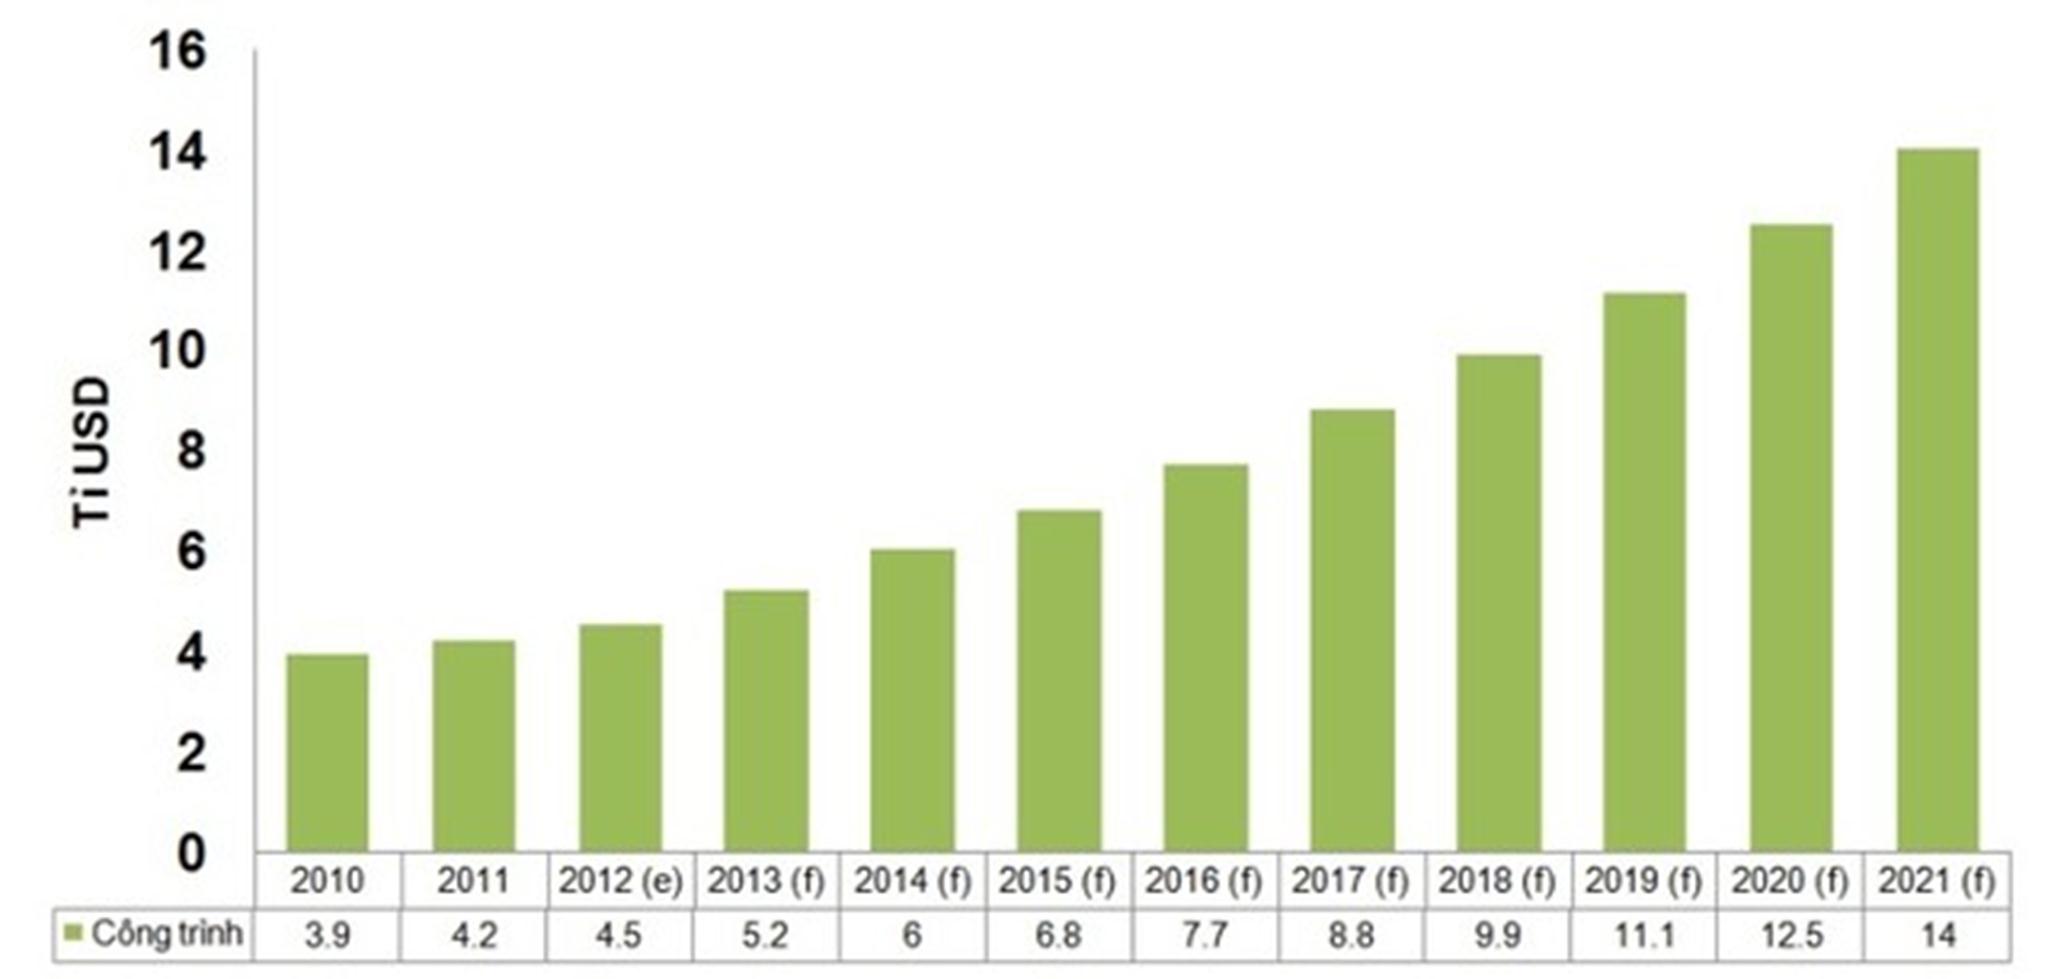 Dự báo tăng trưởng ngành xây dựng Việt Nam đến năm 2021. Trong đó, nhà ở có giá hợp lý sẽ có mật độ xây dựng đạt đỉnh cao, ngược lại nhà ở cao cấp sẽ có mật độ xây dựng ít hơn. (Nguồn: Theo dõi kinh doanh quốc tế, Bộ ngoại giao Mậu dịch quốc tế Canađa, Bloomberg, Cơ quan Năng lượng Quốc tế )